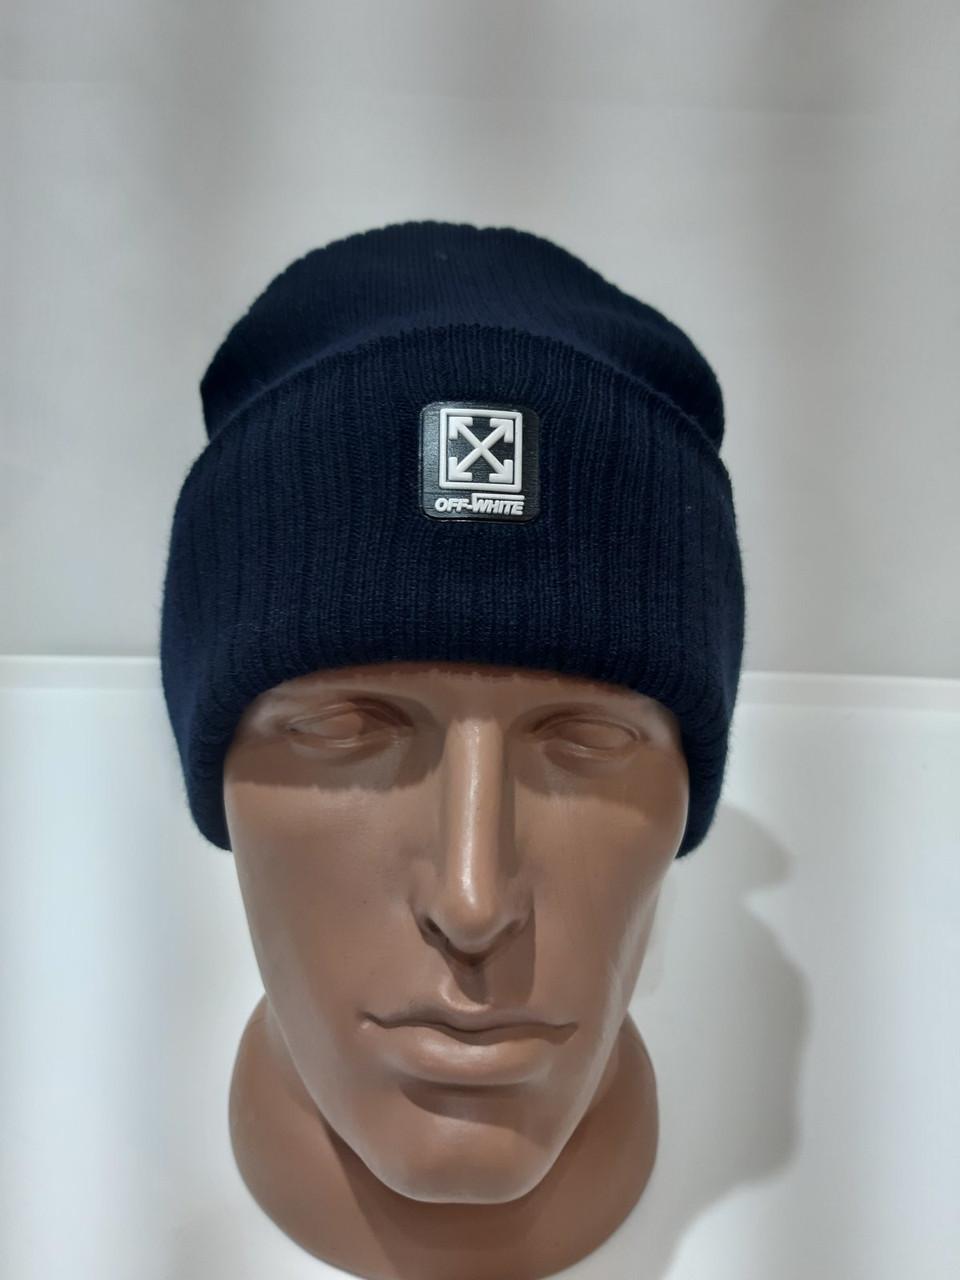 Шерстяная мужская шапка зимняя темно-синяя с отворотом